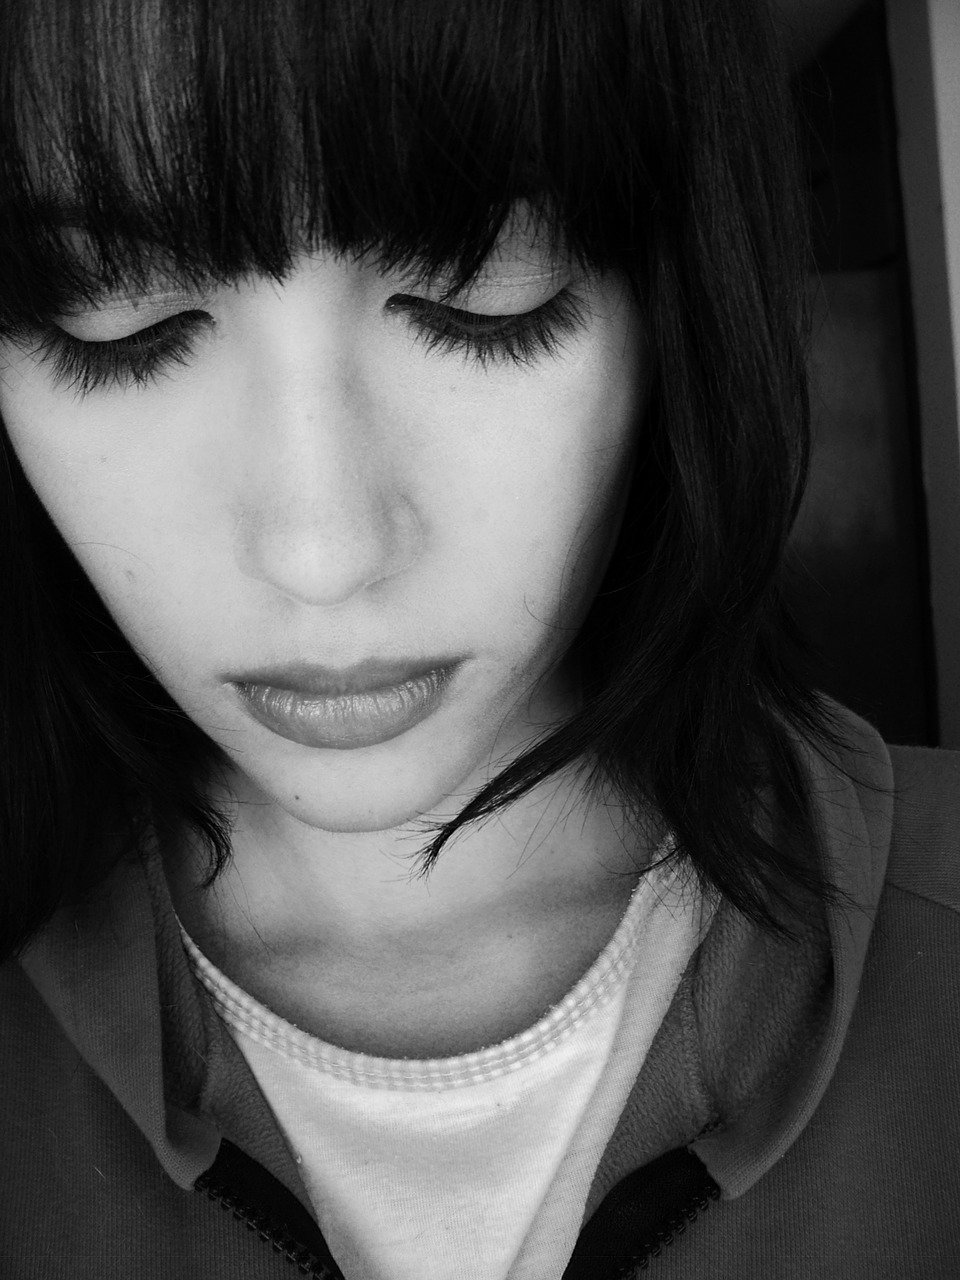 sad, woman, sorrow